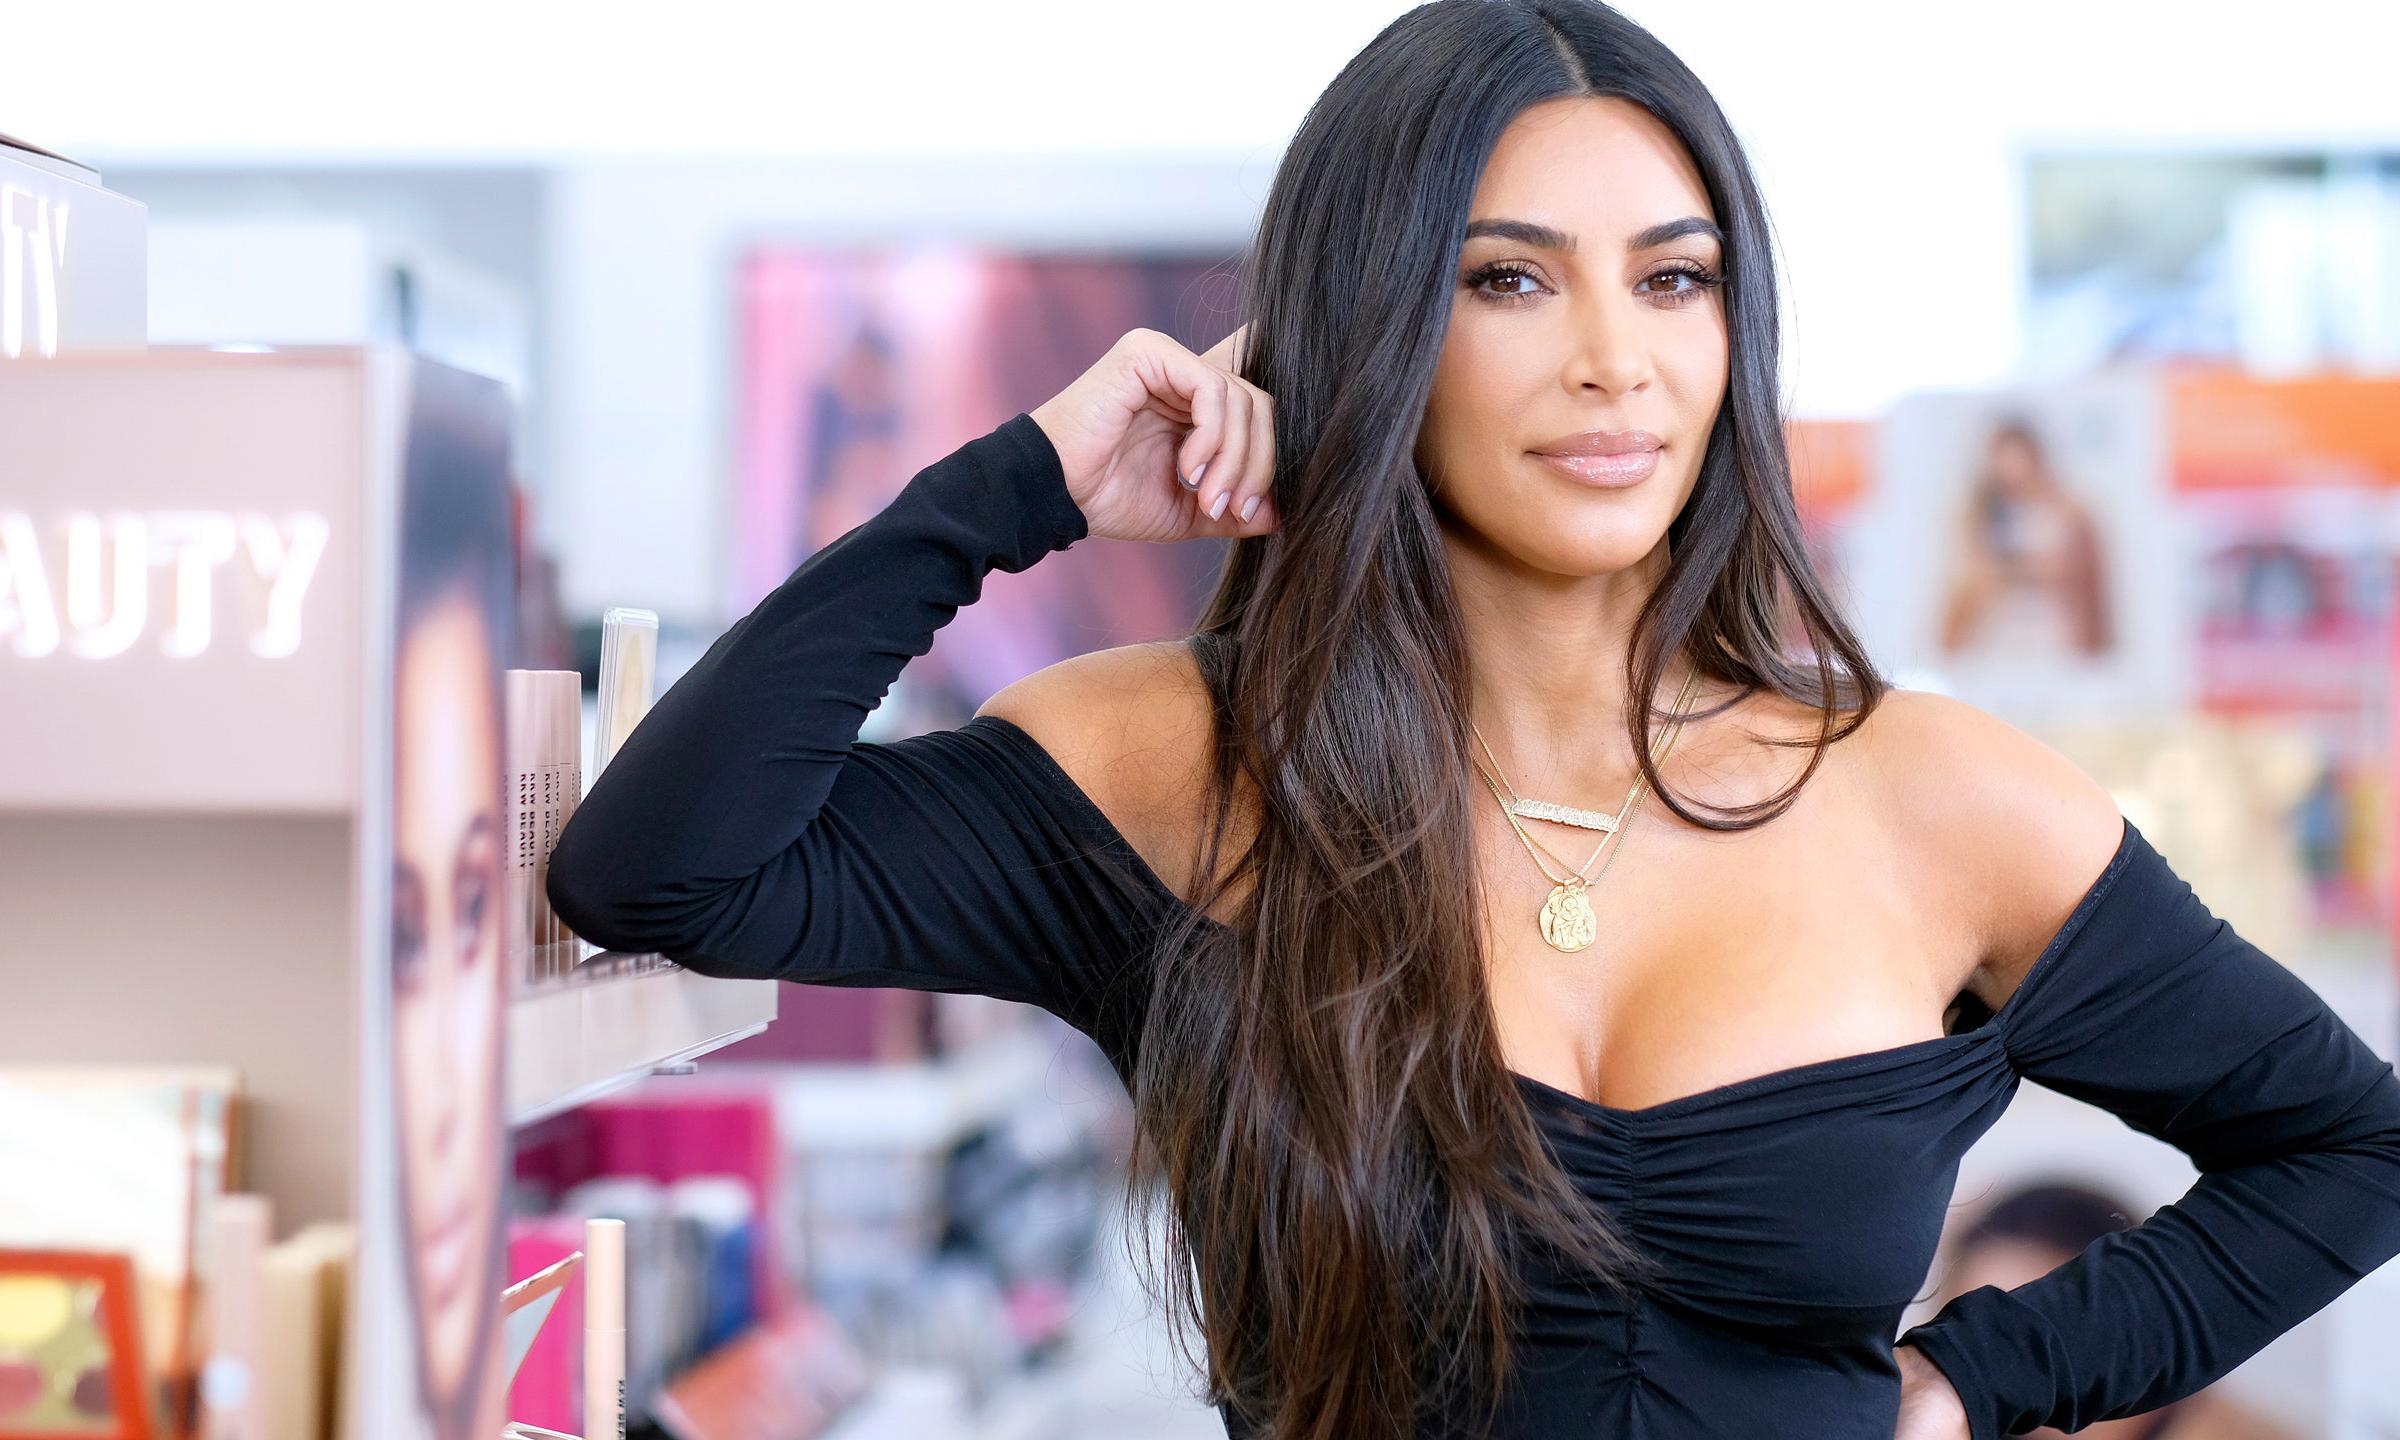 身家涨至 10 亿美元后,卡戴珊还计划推出新美妆品牌